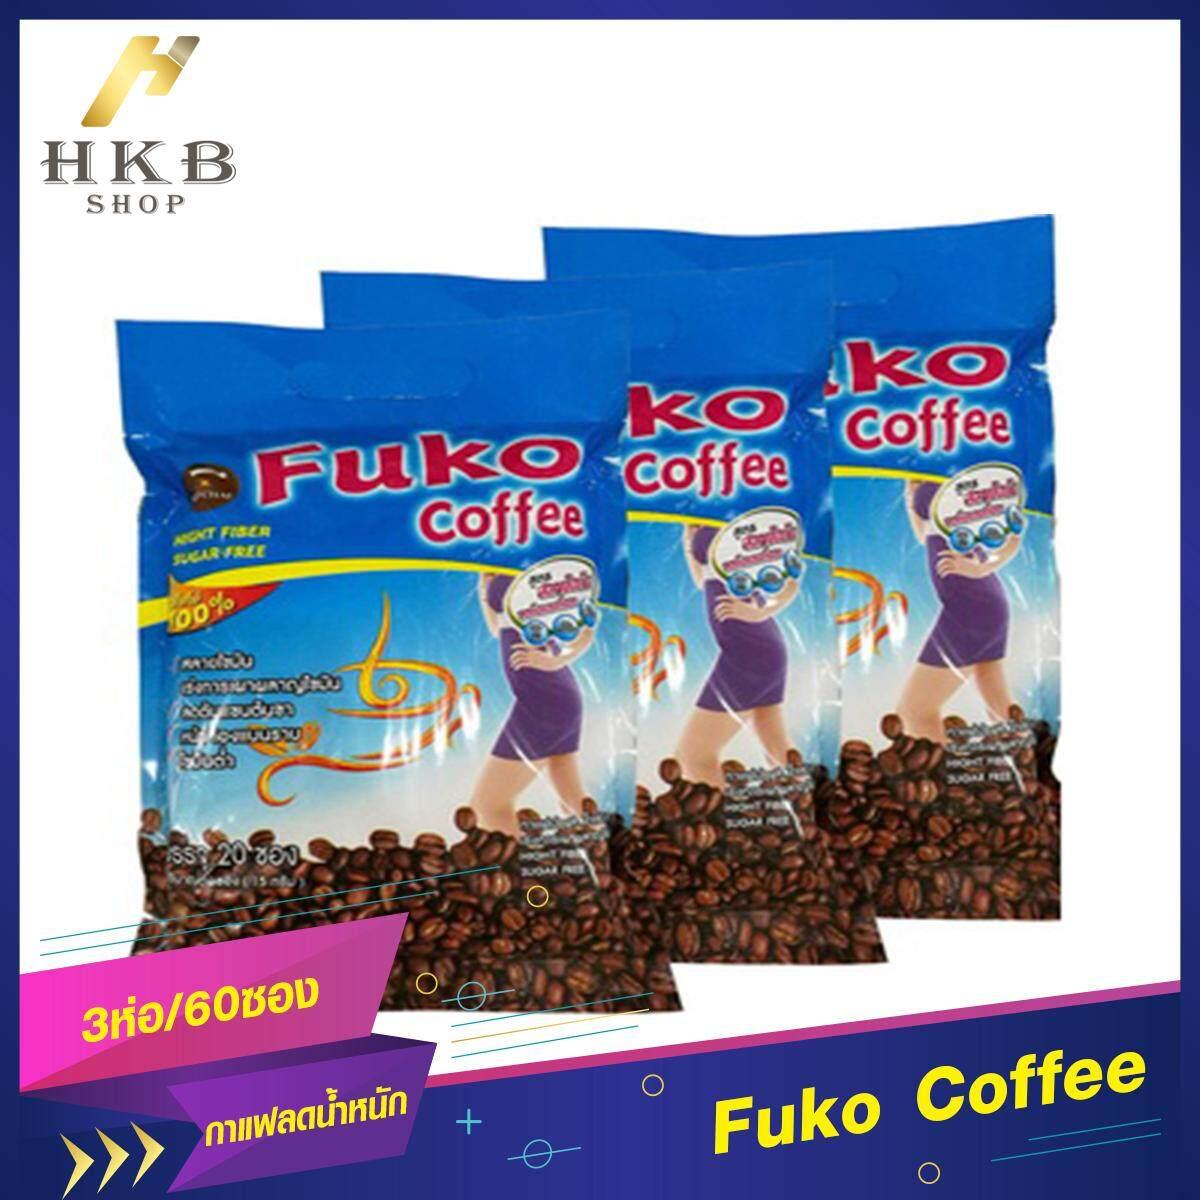 ⚡️3ห่อ/แท้/พร้อมส่ง⚡️ Fuko Coffee ฟูโกะ ค็อฟฟี่ กาแฟฟูโกะ กาแฟลดน้ำหนัก สูตรสลายไขมัน ลดต้นแขนต้นขา.